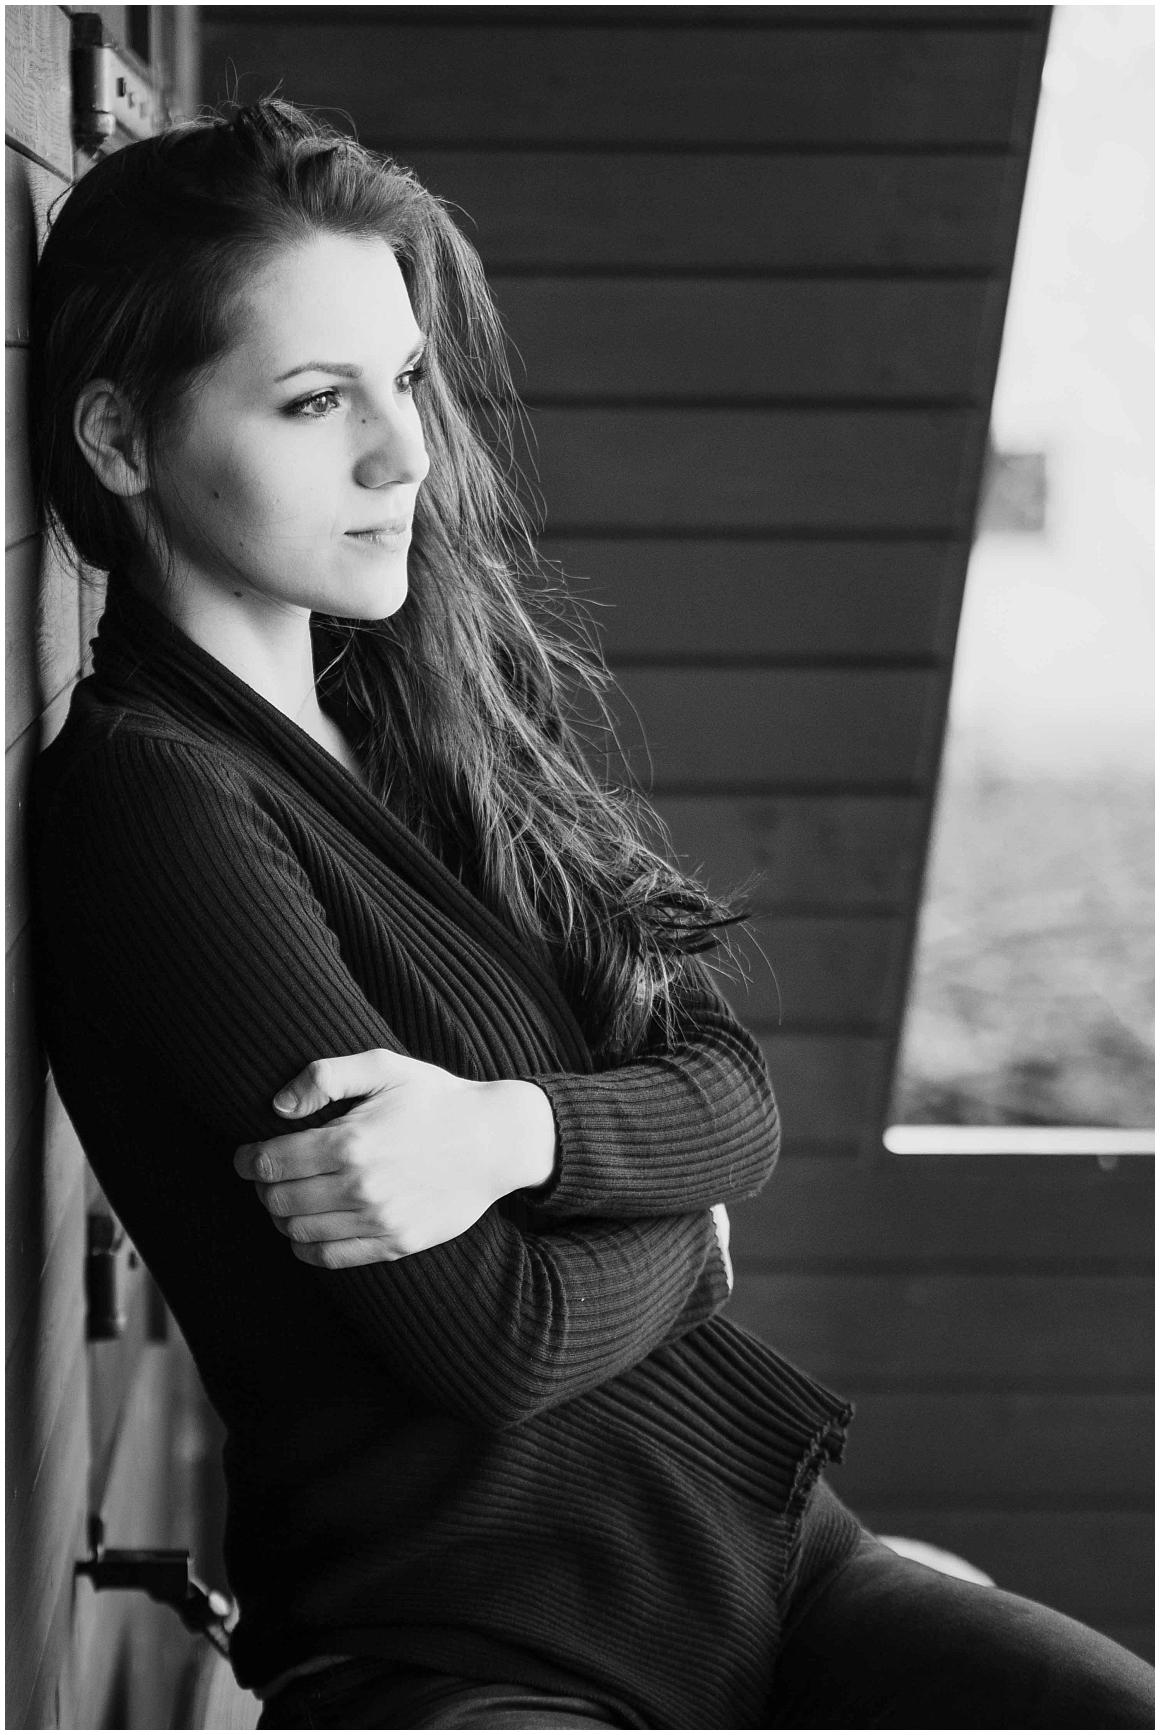 katrin-kind-portrait-fotografie-münchen-ammersee-photography-munich_0002.jpg